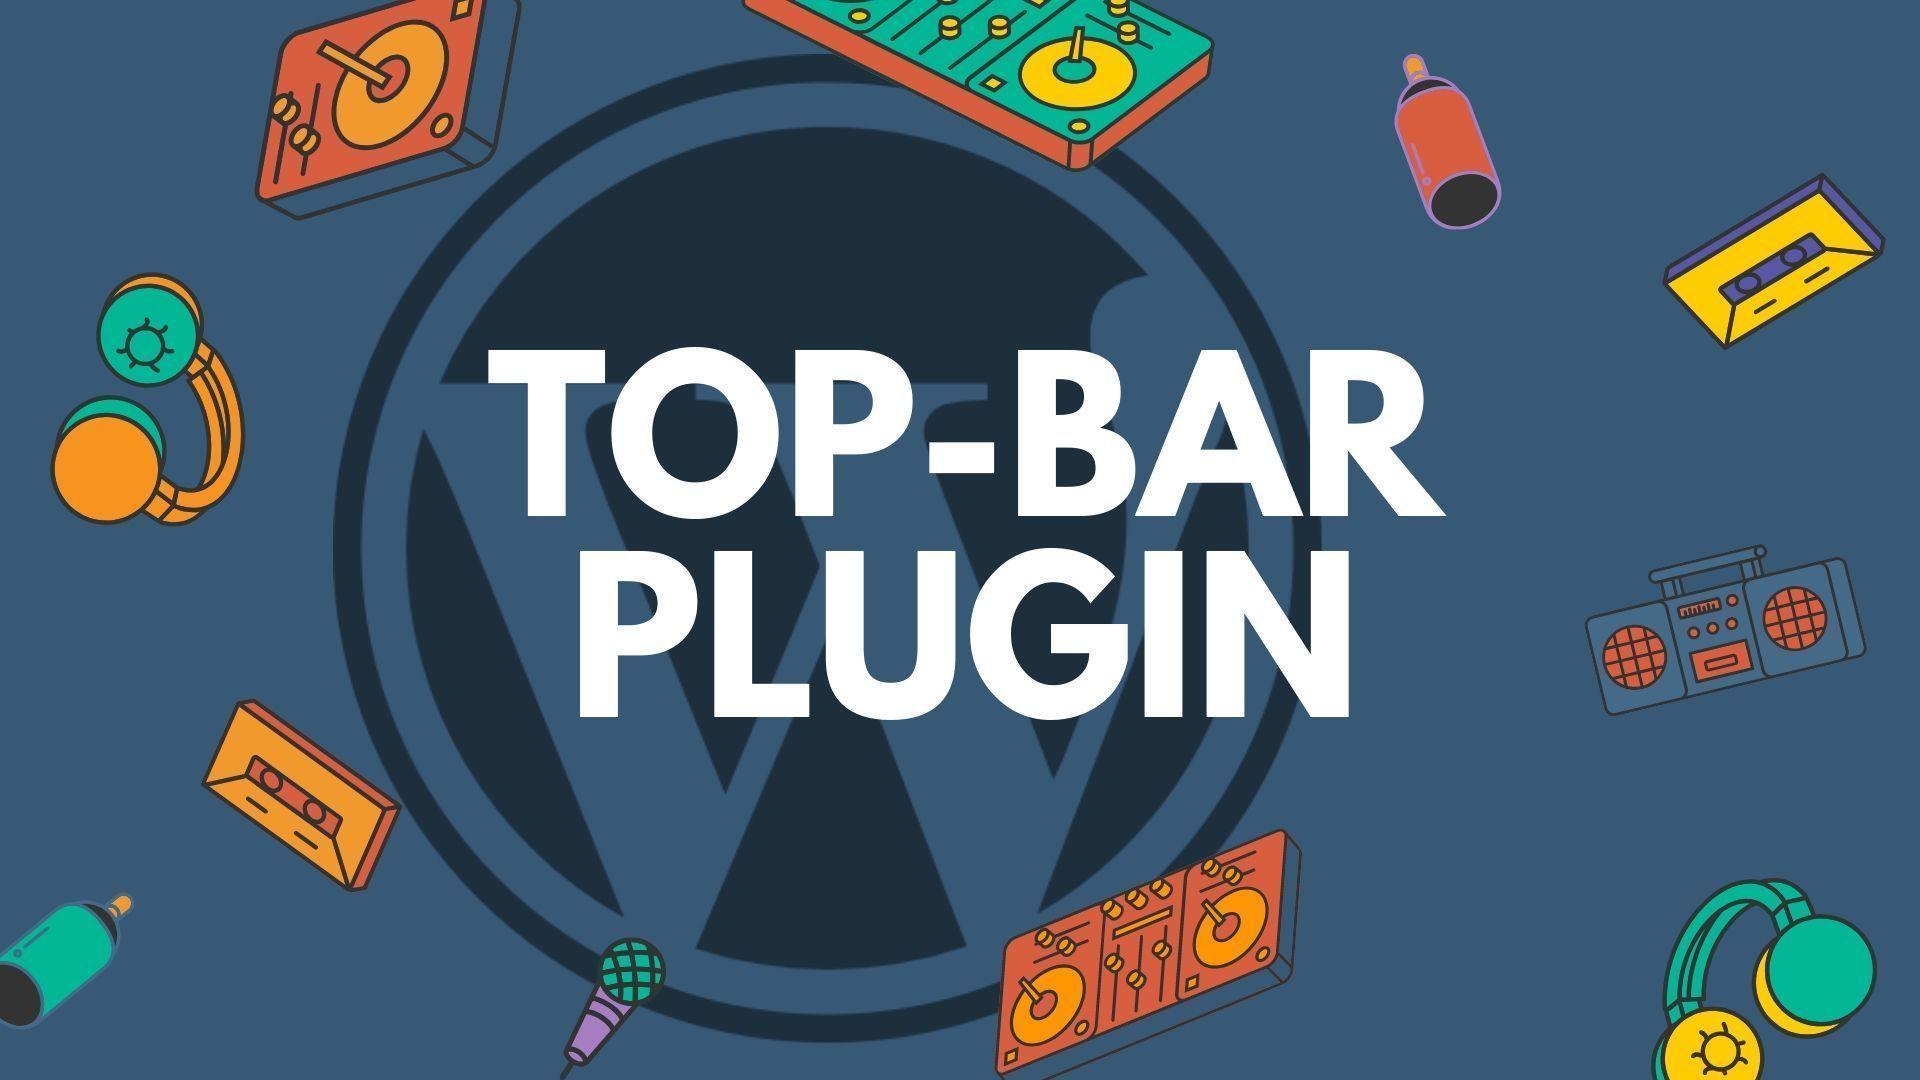 WordPress Benachrichtigungen erstellen mit Top-Bar Plugin 16 techboys.de • smarte News, auf den Punkt! WordPress Benachrichtigungen erstellen mit Top-Bar Plugin